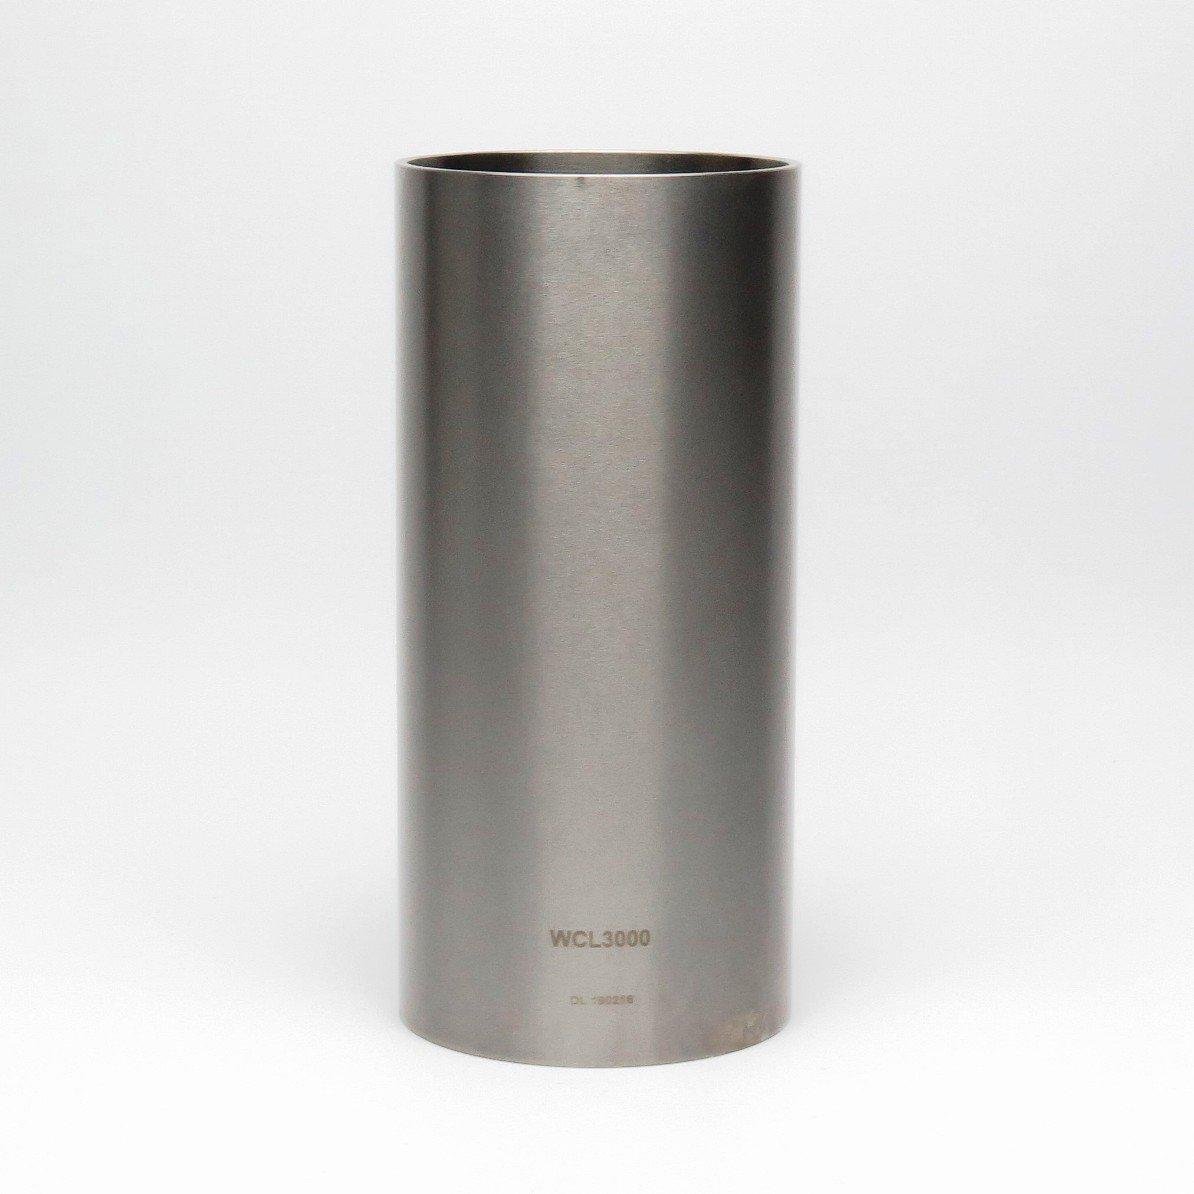 WCL3000 - Plain Repair Liner